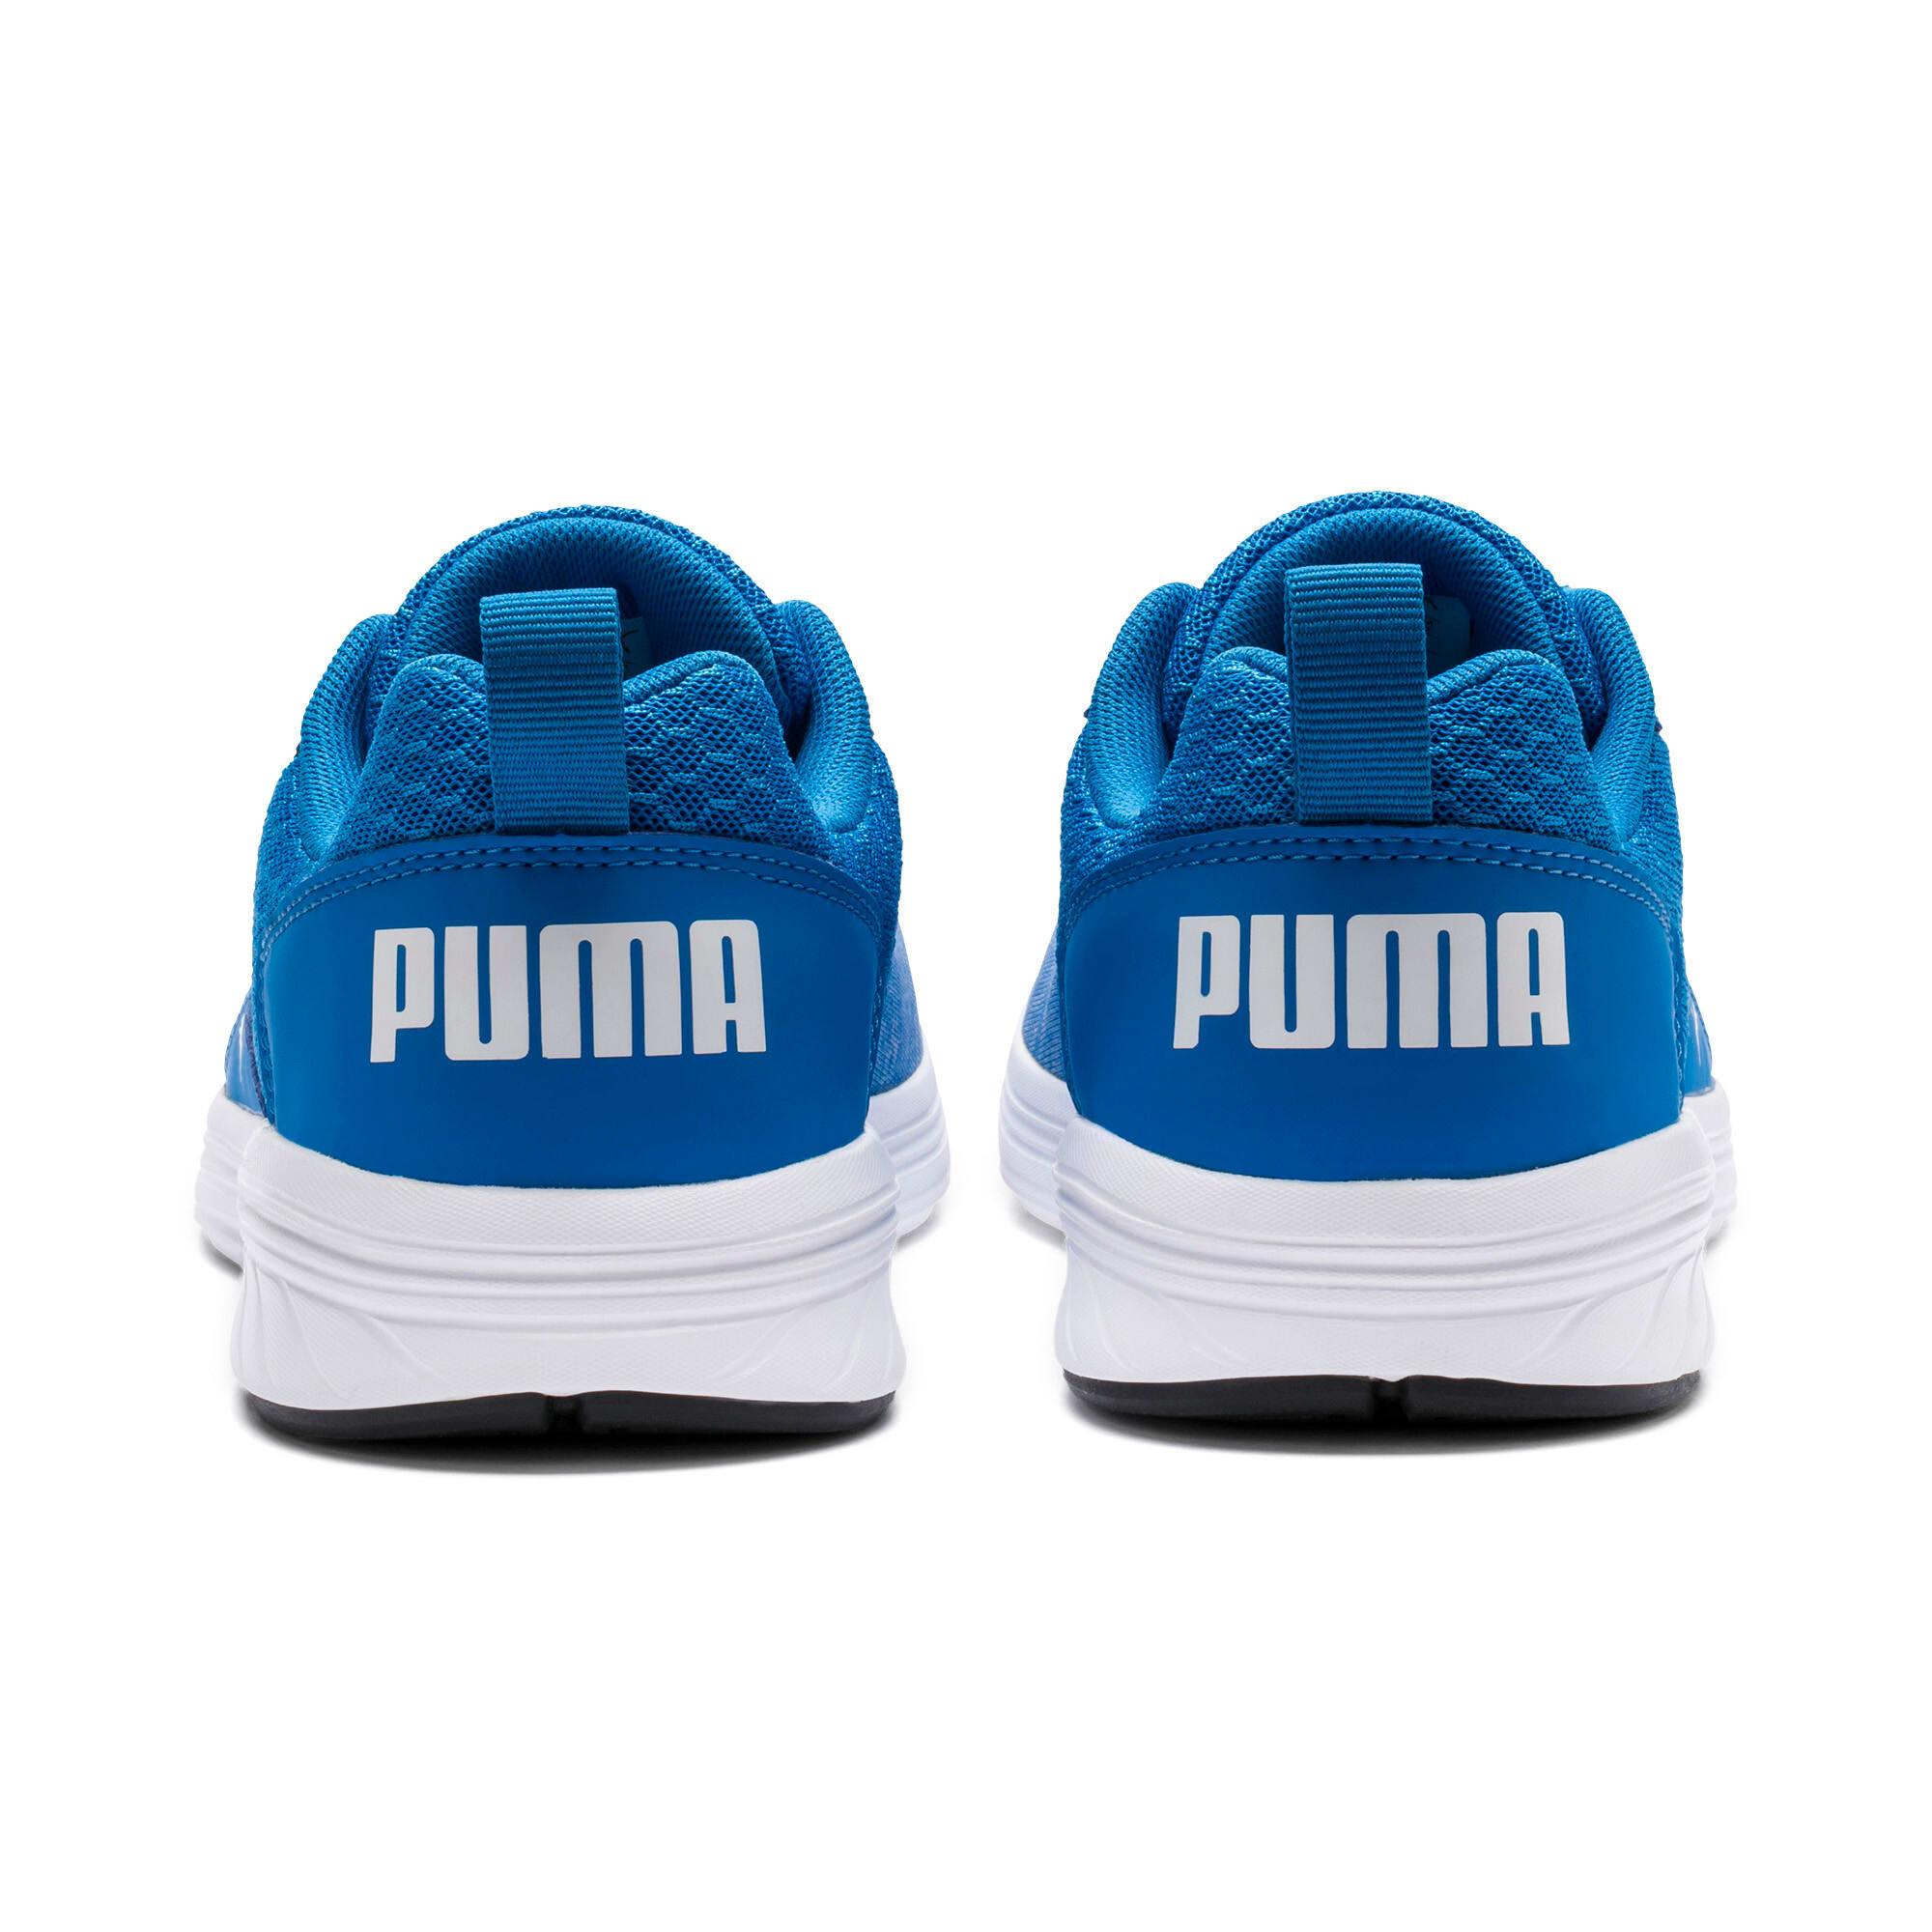 Thumbnail 4 of NRGY Comet Kids' Training Shoes, Indigo Bunting-Puma White, medium-IND